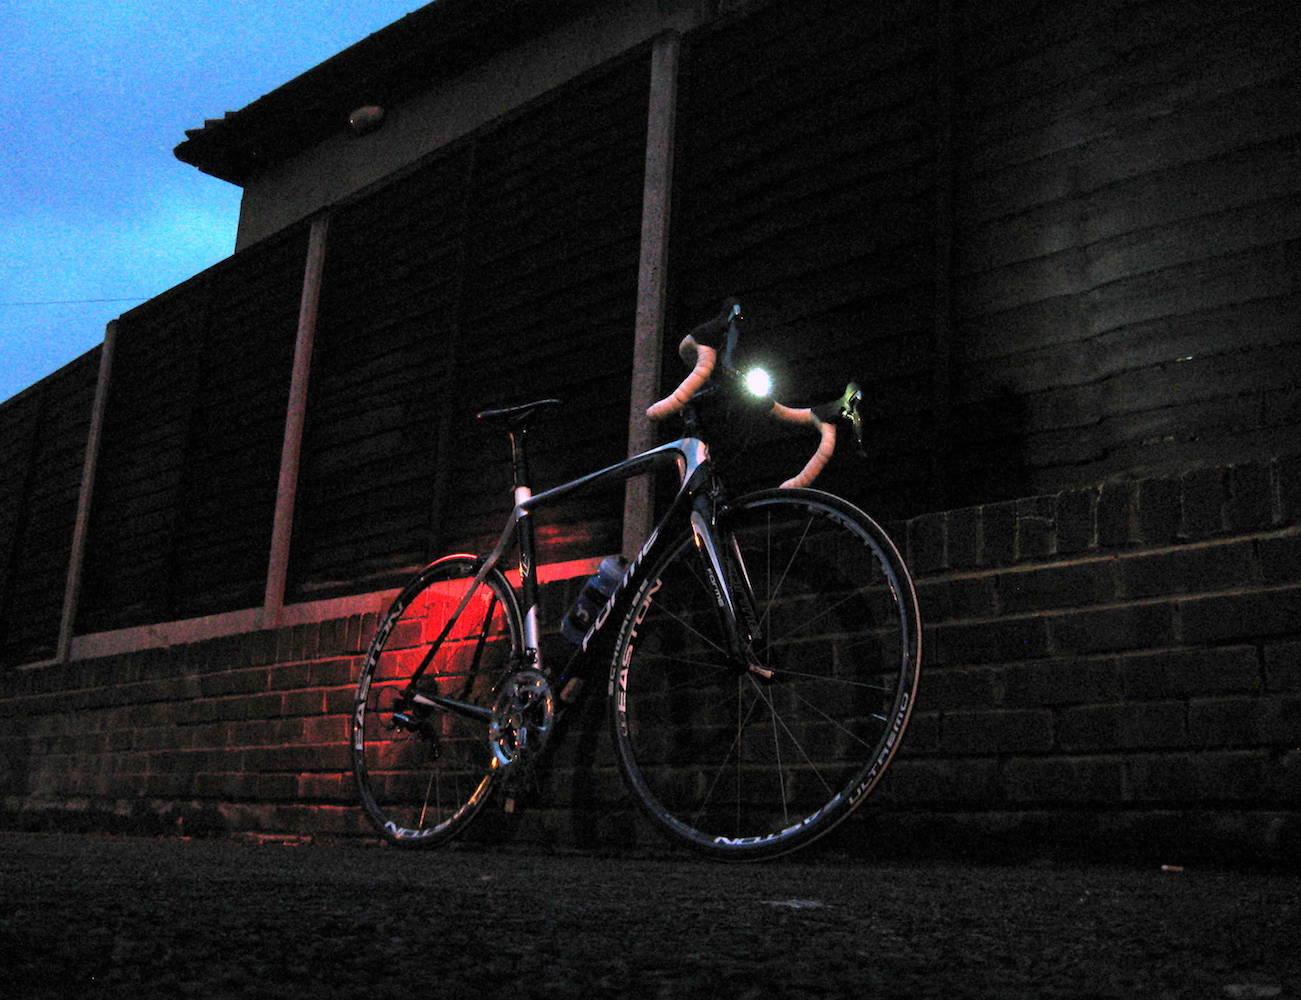 Knog+Blinder+4V+USB+Rechargeable+Bike+Light